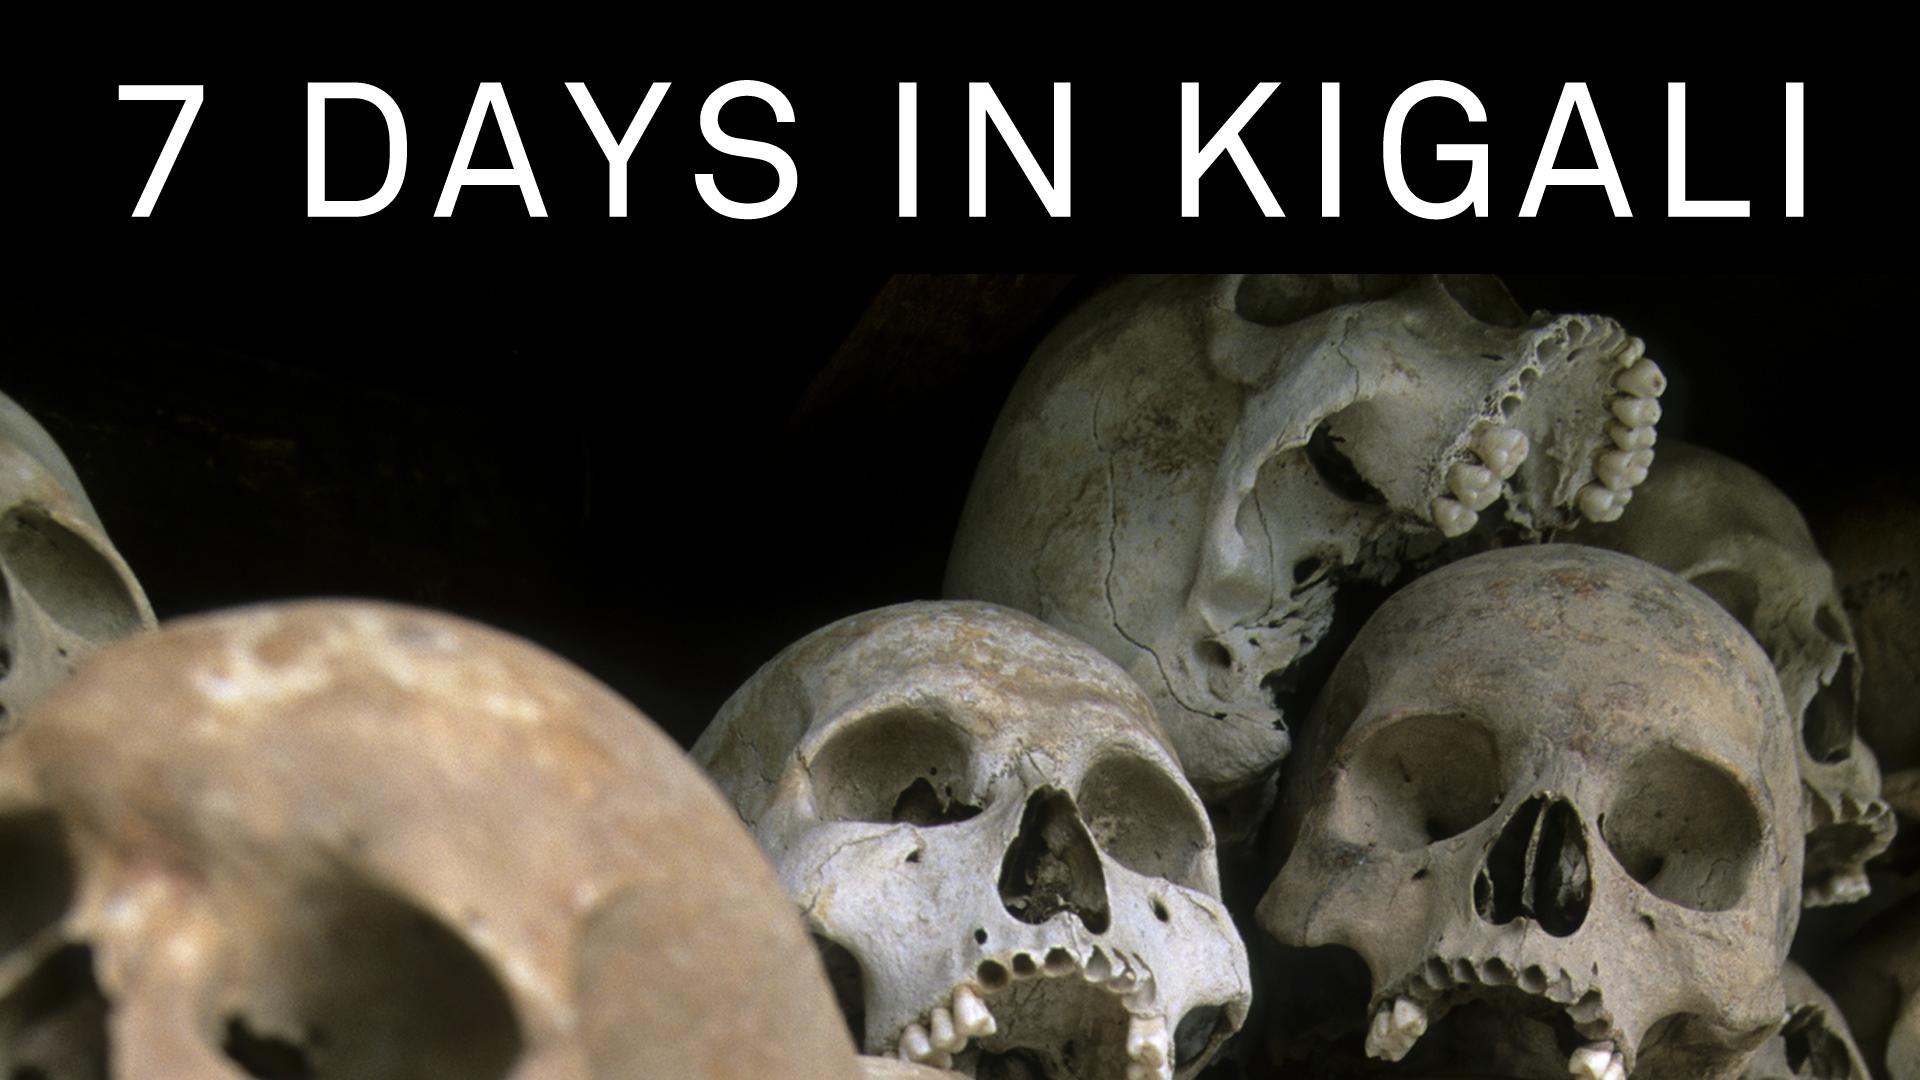 7 Days in Kigali